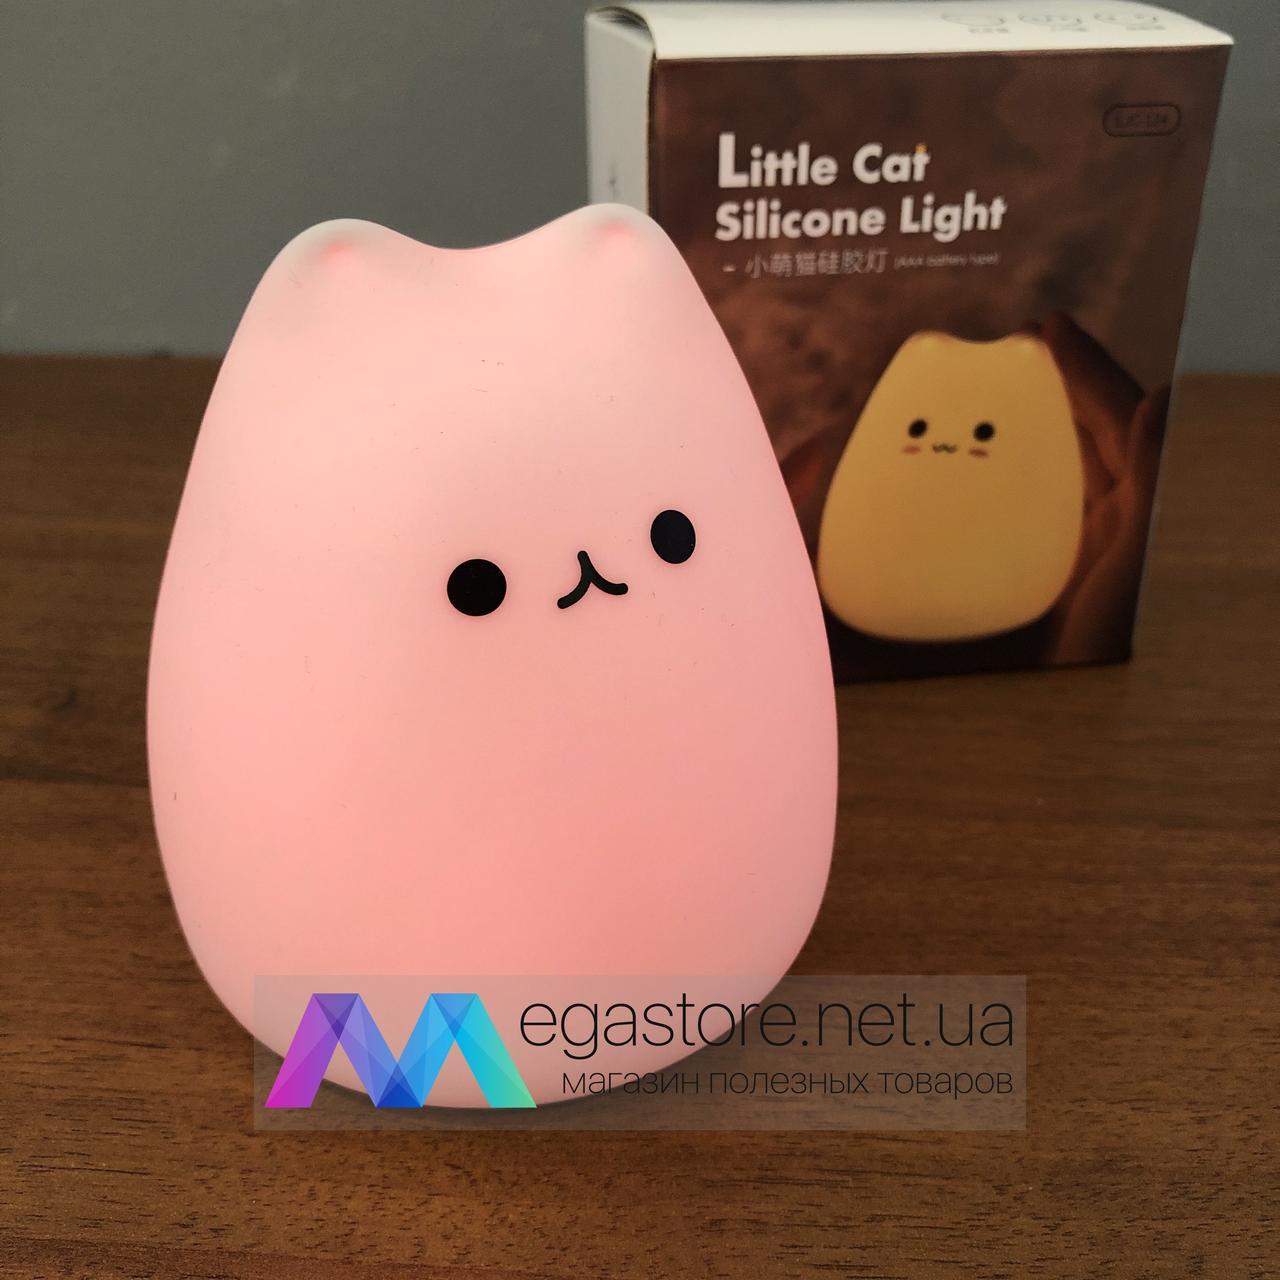 Ночной светильник Котик силиконовый led ночник неоновый кошечка Little Cat Silicone Light детский